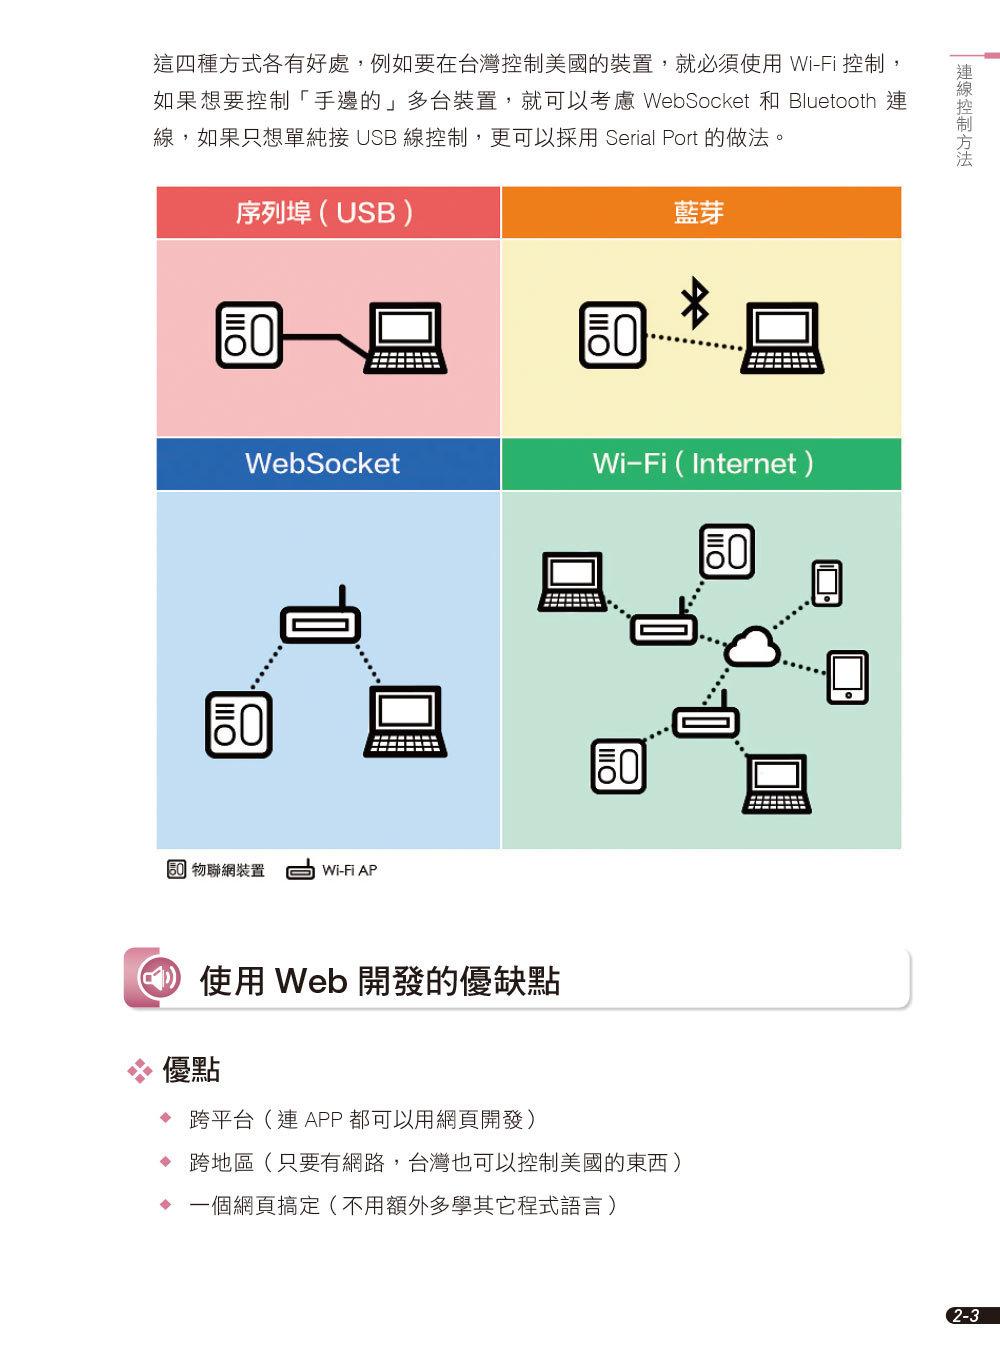 實戰家電物聯網|Webduino 智慧插座 x Node.js x 雲端服務整合-preview-2